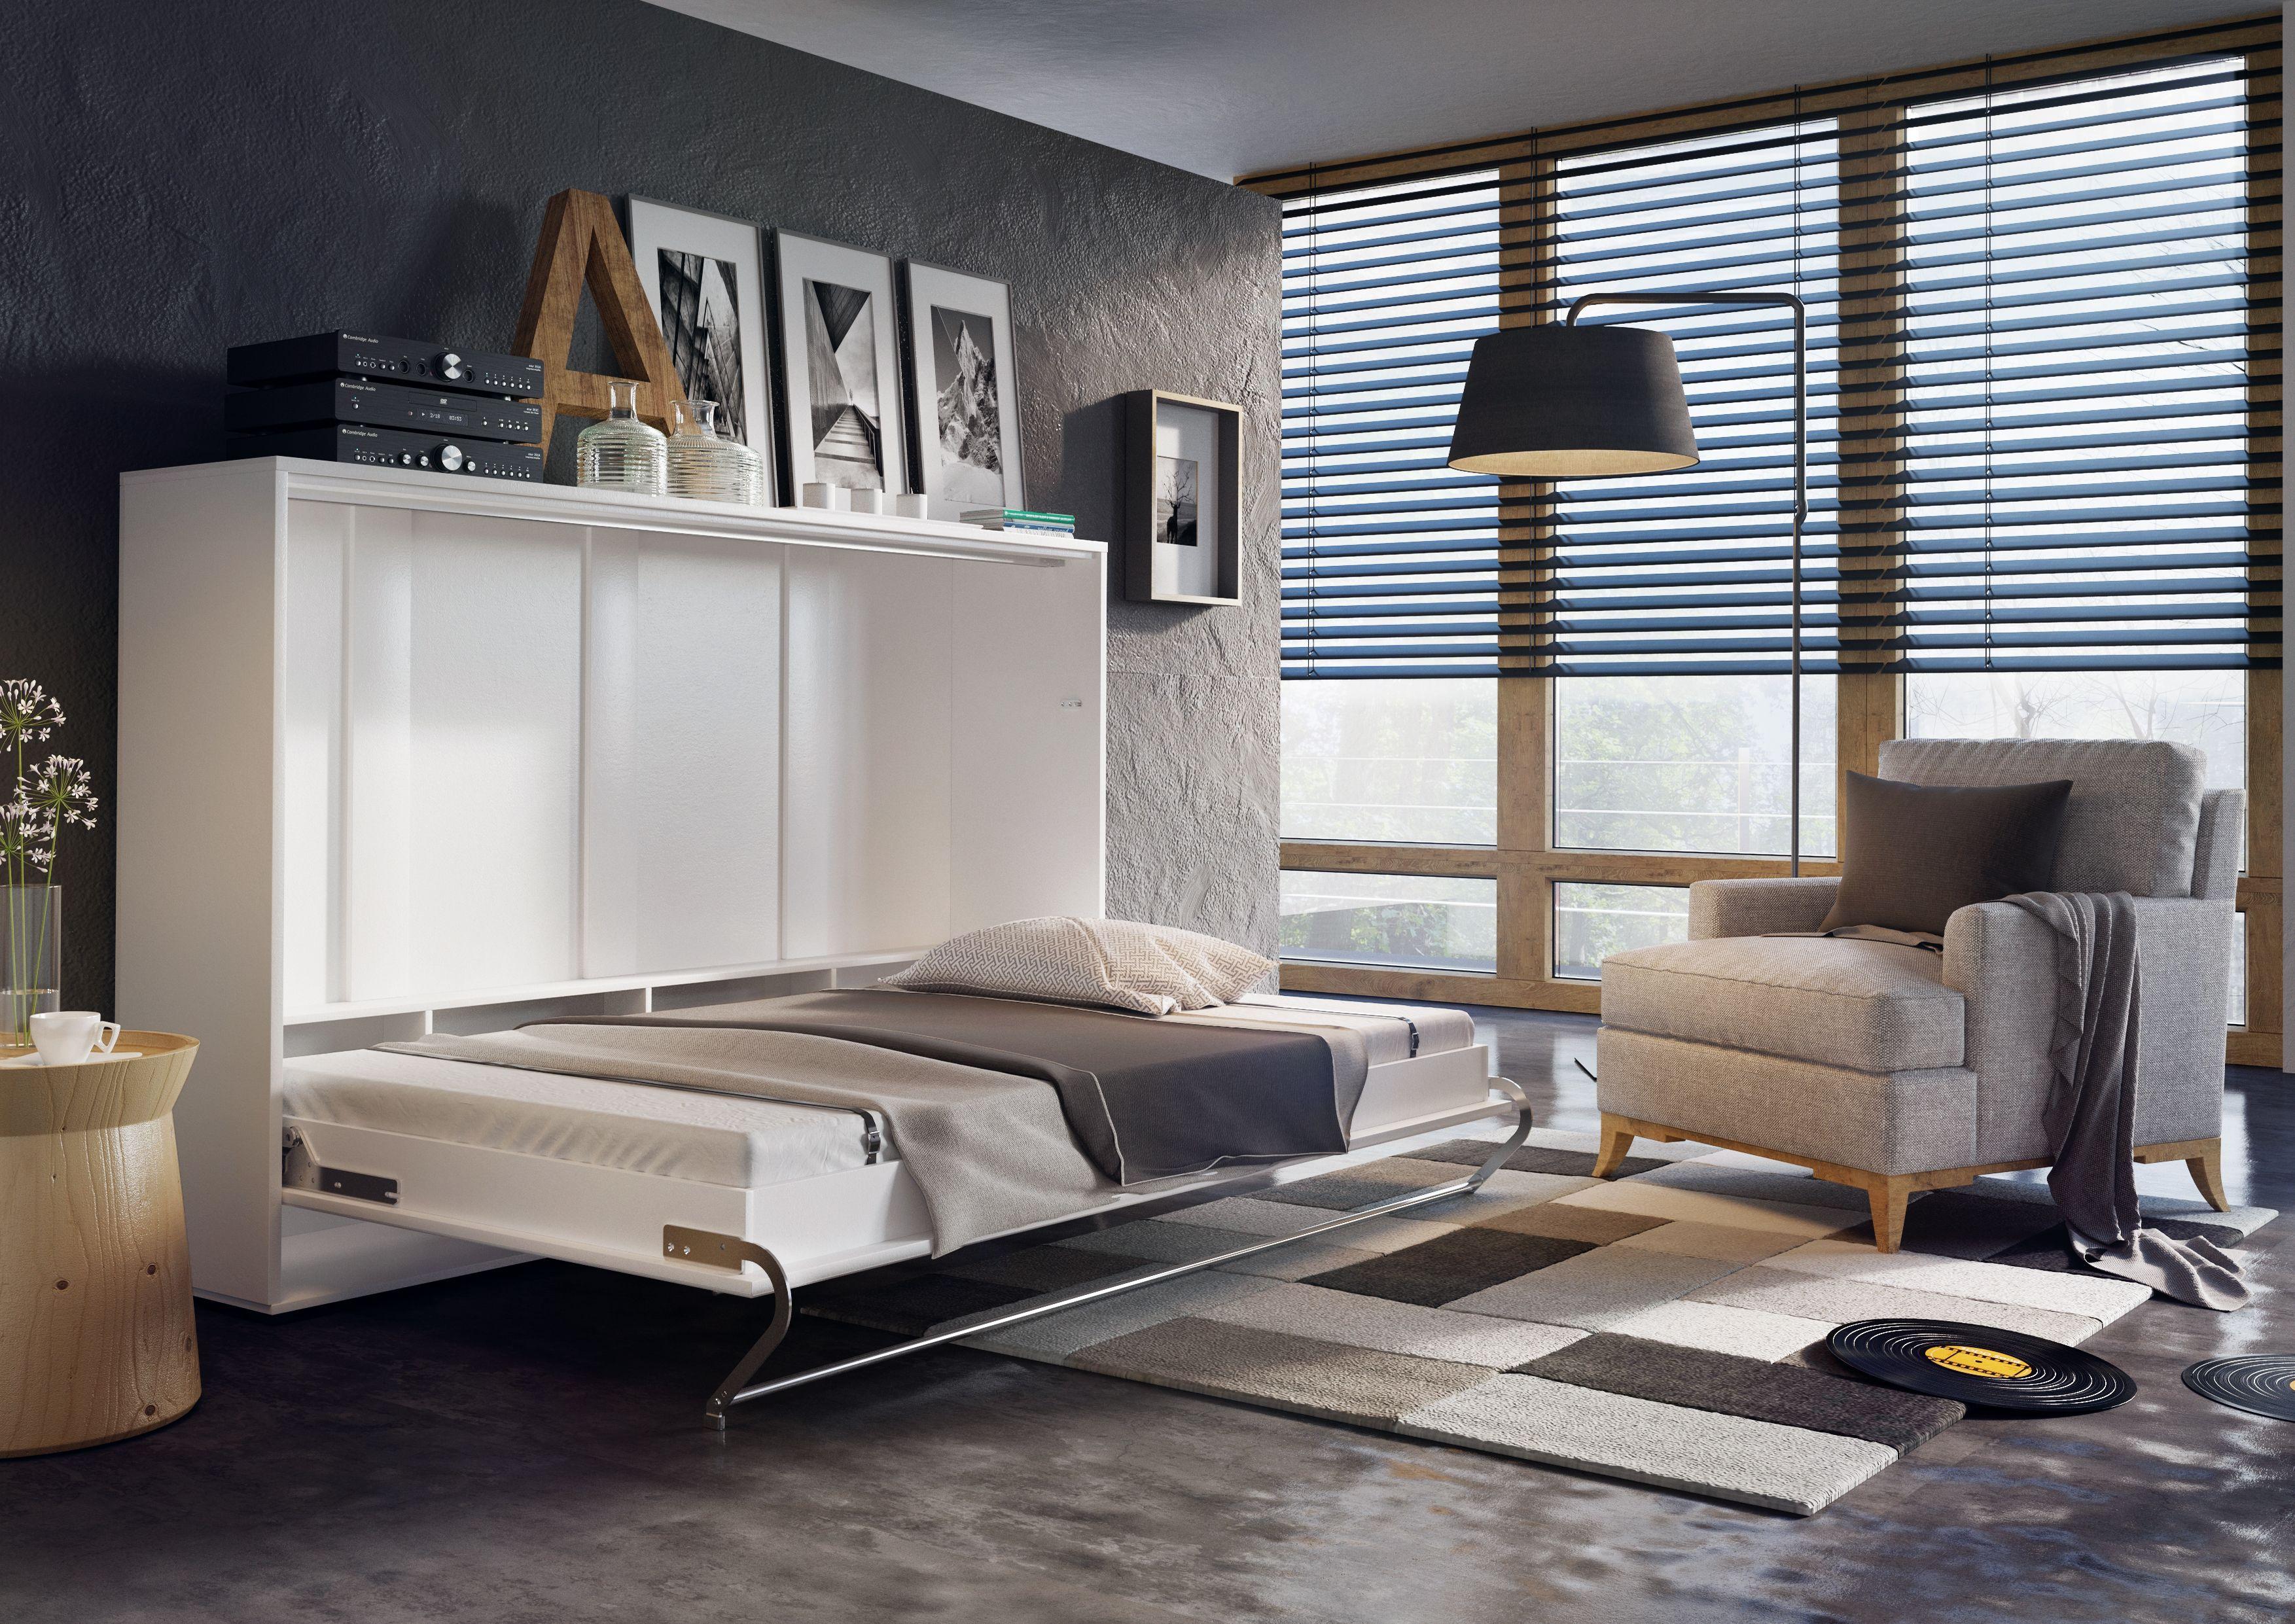 Specjalne pasy spinające pozwolą na składanie łóżka razem z pościelą ...